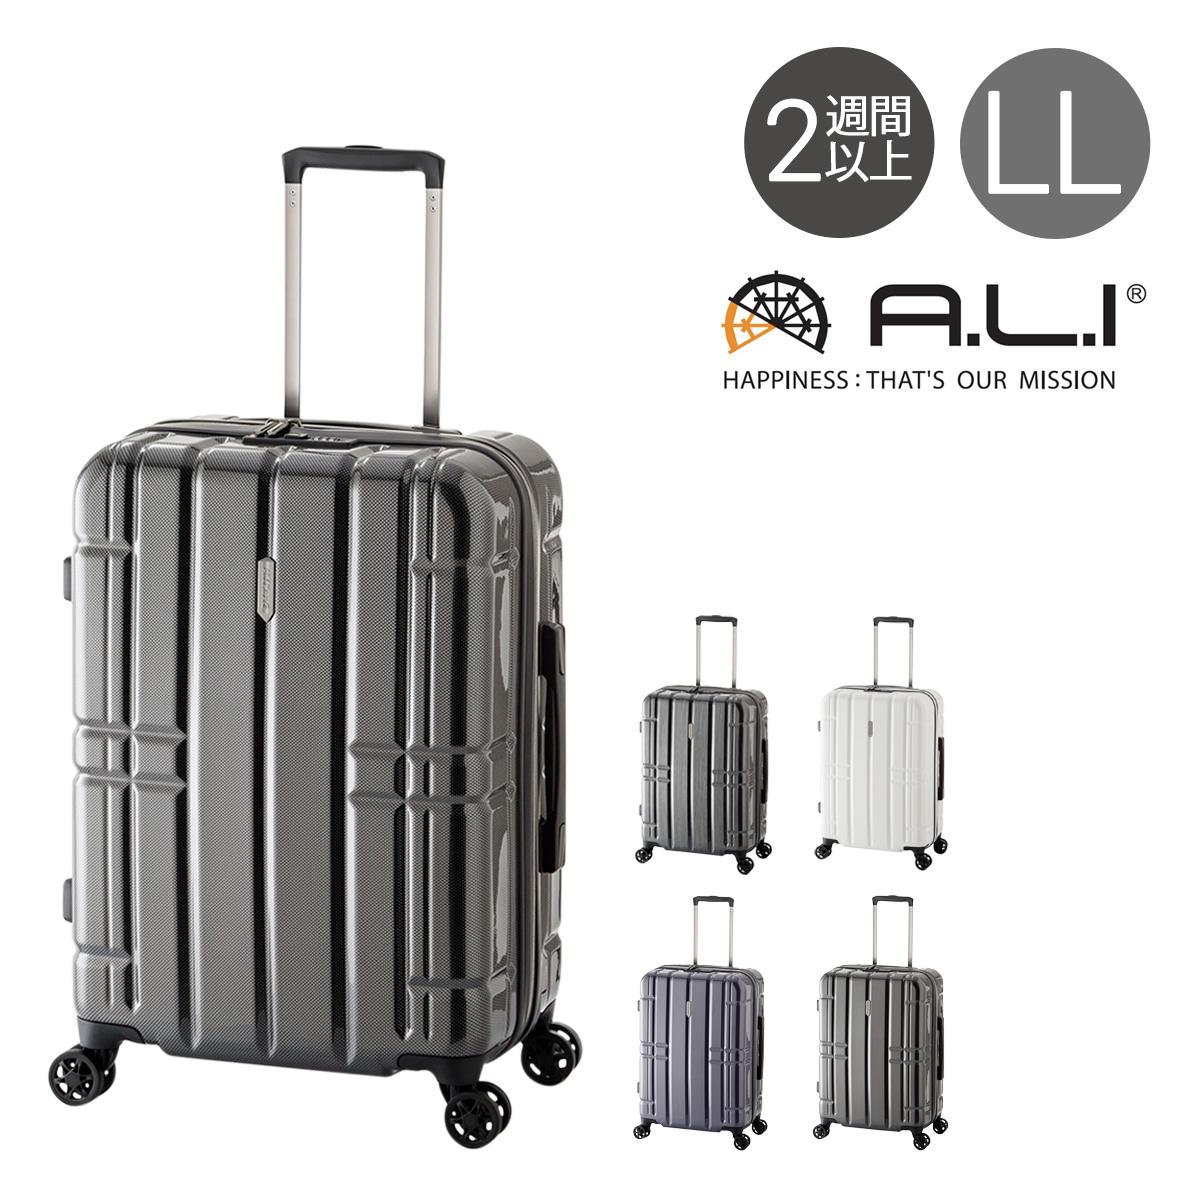 アジアラゲージ スーツケース|112L 69.5cm 4.6kg ALI-MAX28|拡張 ハード ファスナー|A.L.I AliMax|TSAロック搭載 キャリーバッグ キャリーケース[PO10][bef]